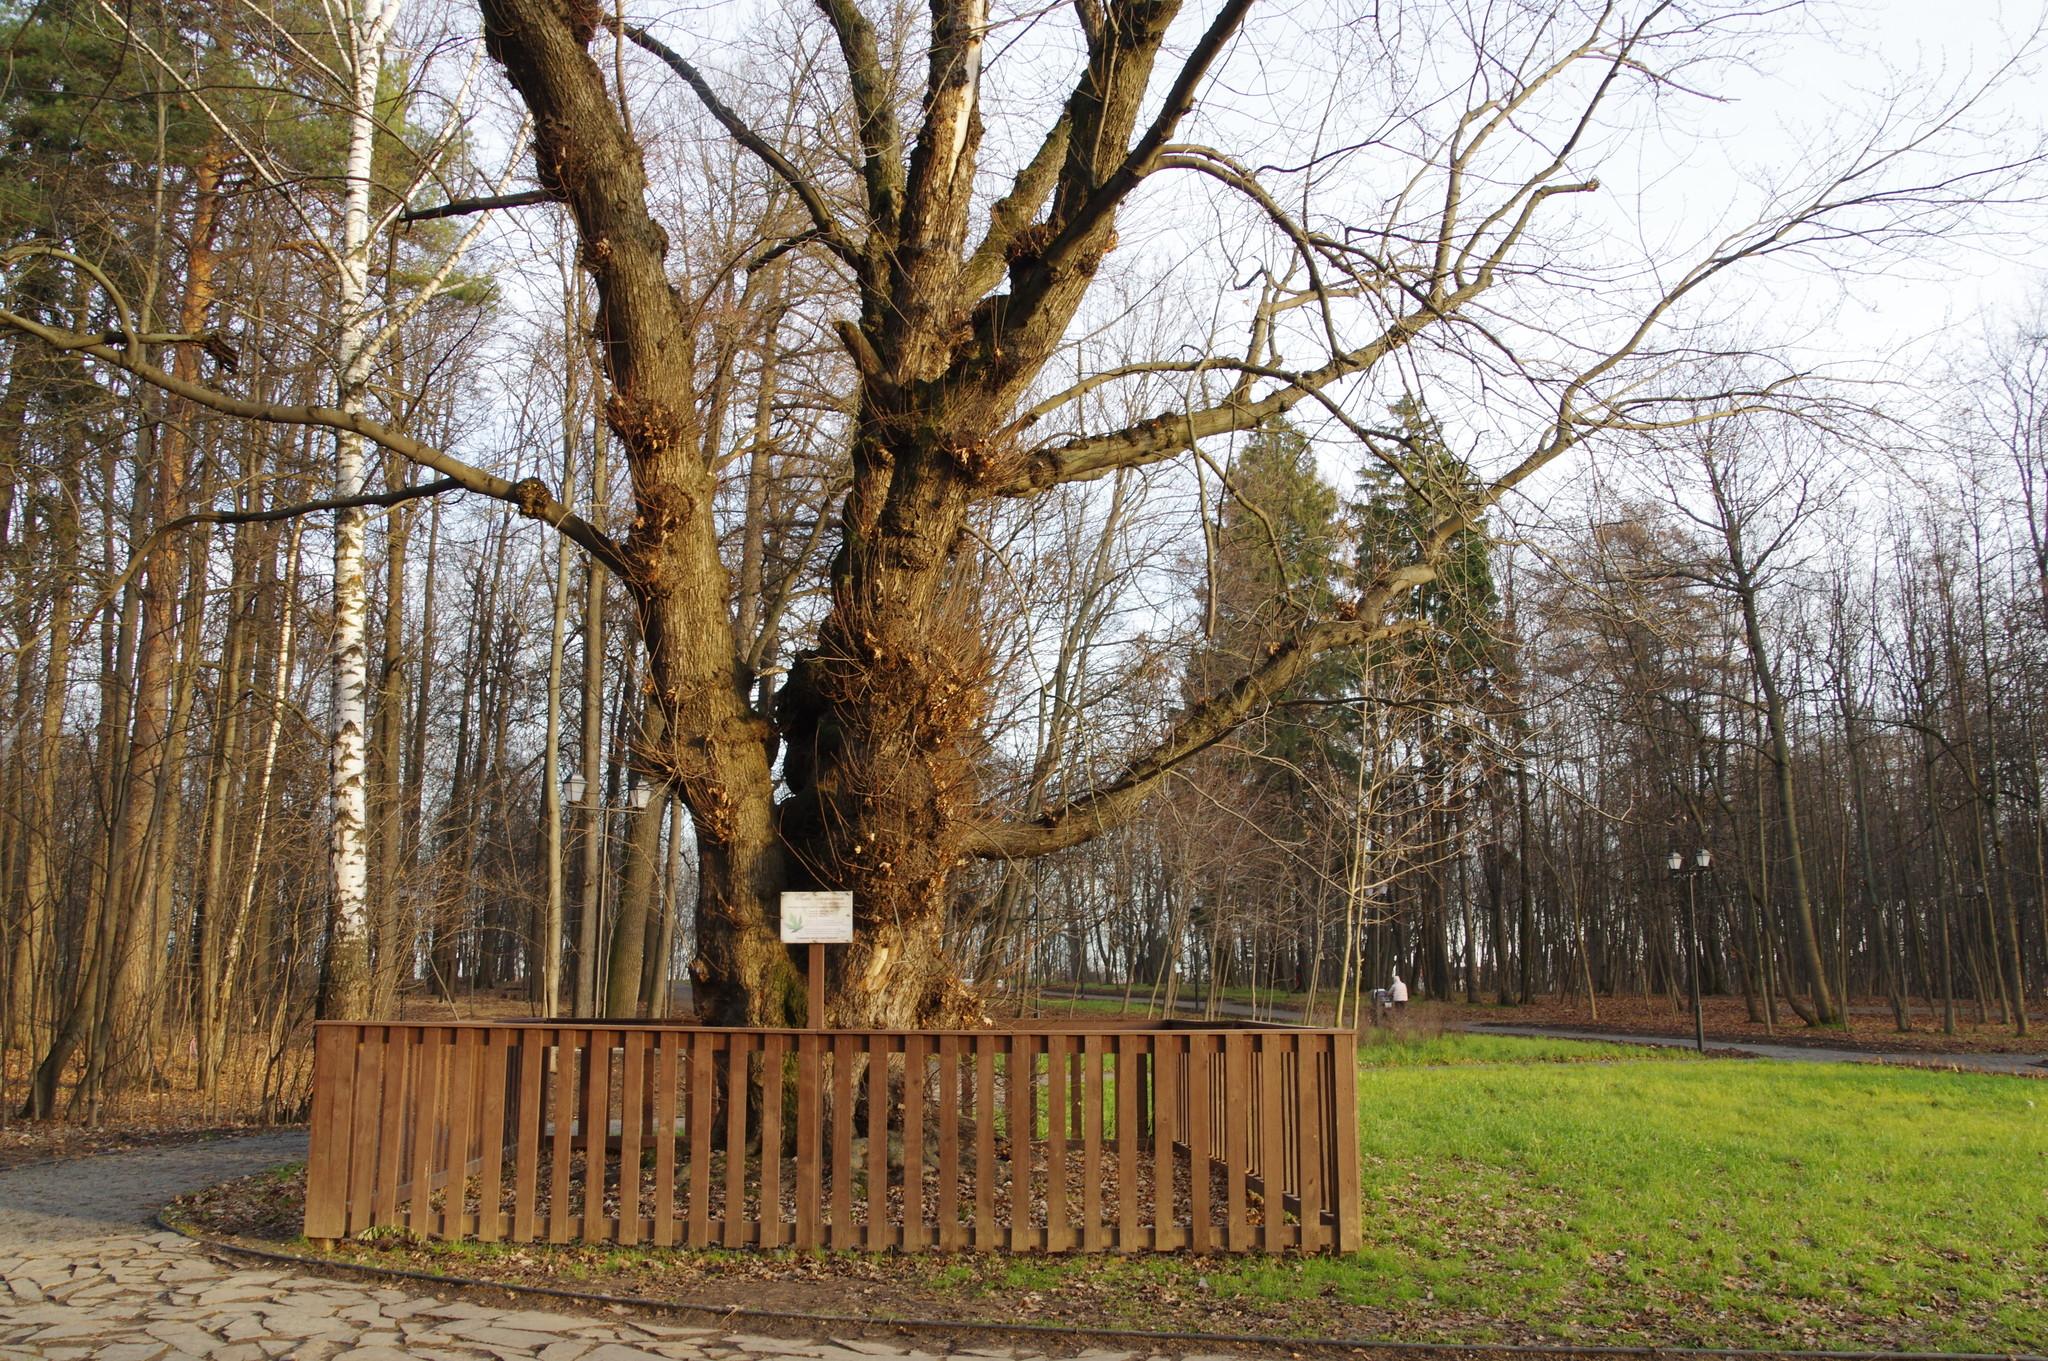 Клён сахаристый (Acer saccharinum) в усадьбе Архангельское-Тюриково. Возраст - около 250 лет. Диаметр ствола - 1,6 метра. Высота - около 30 метров